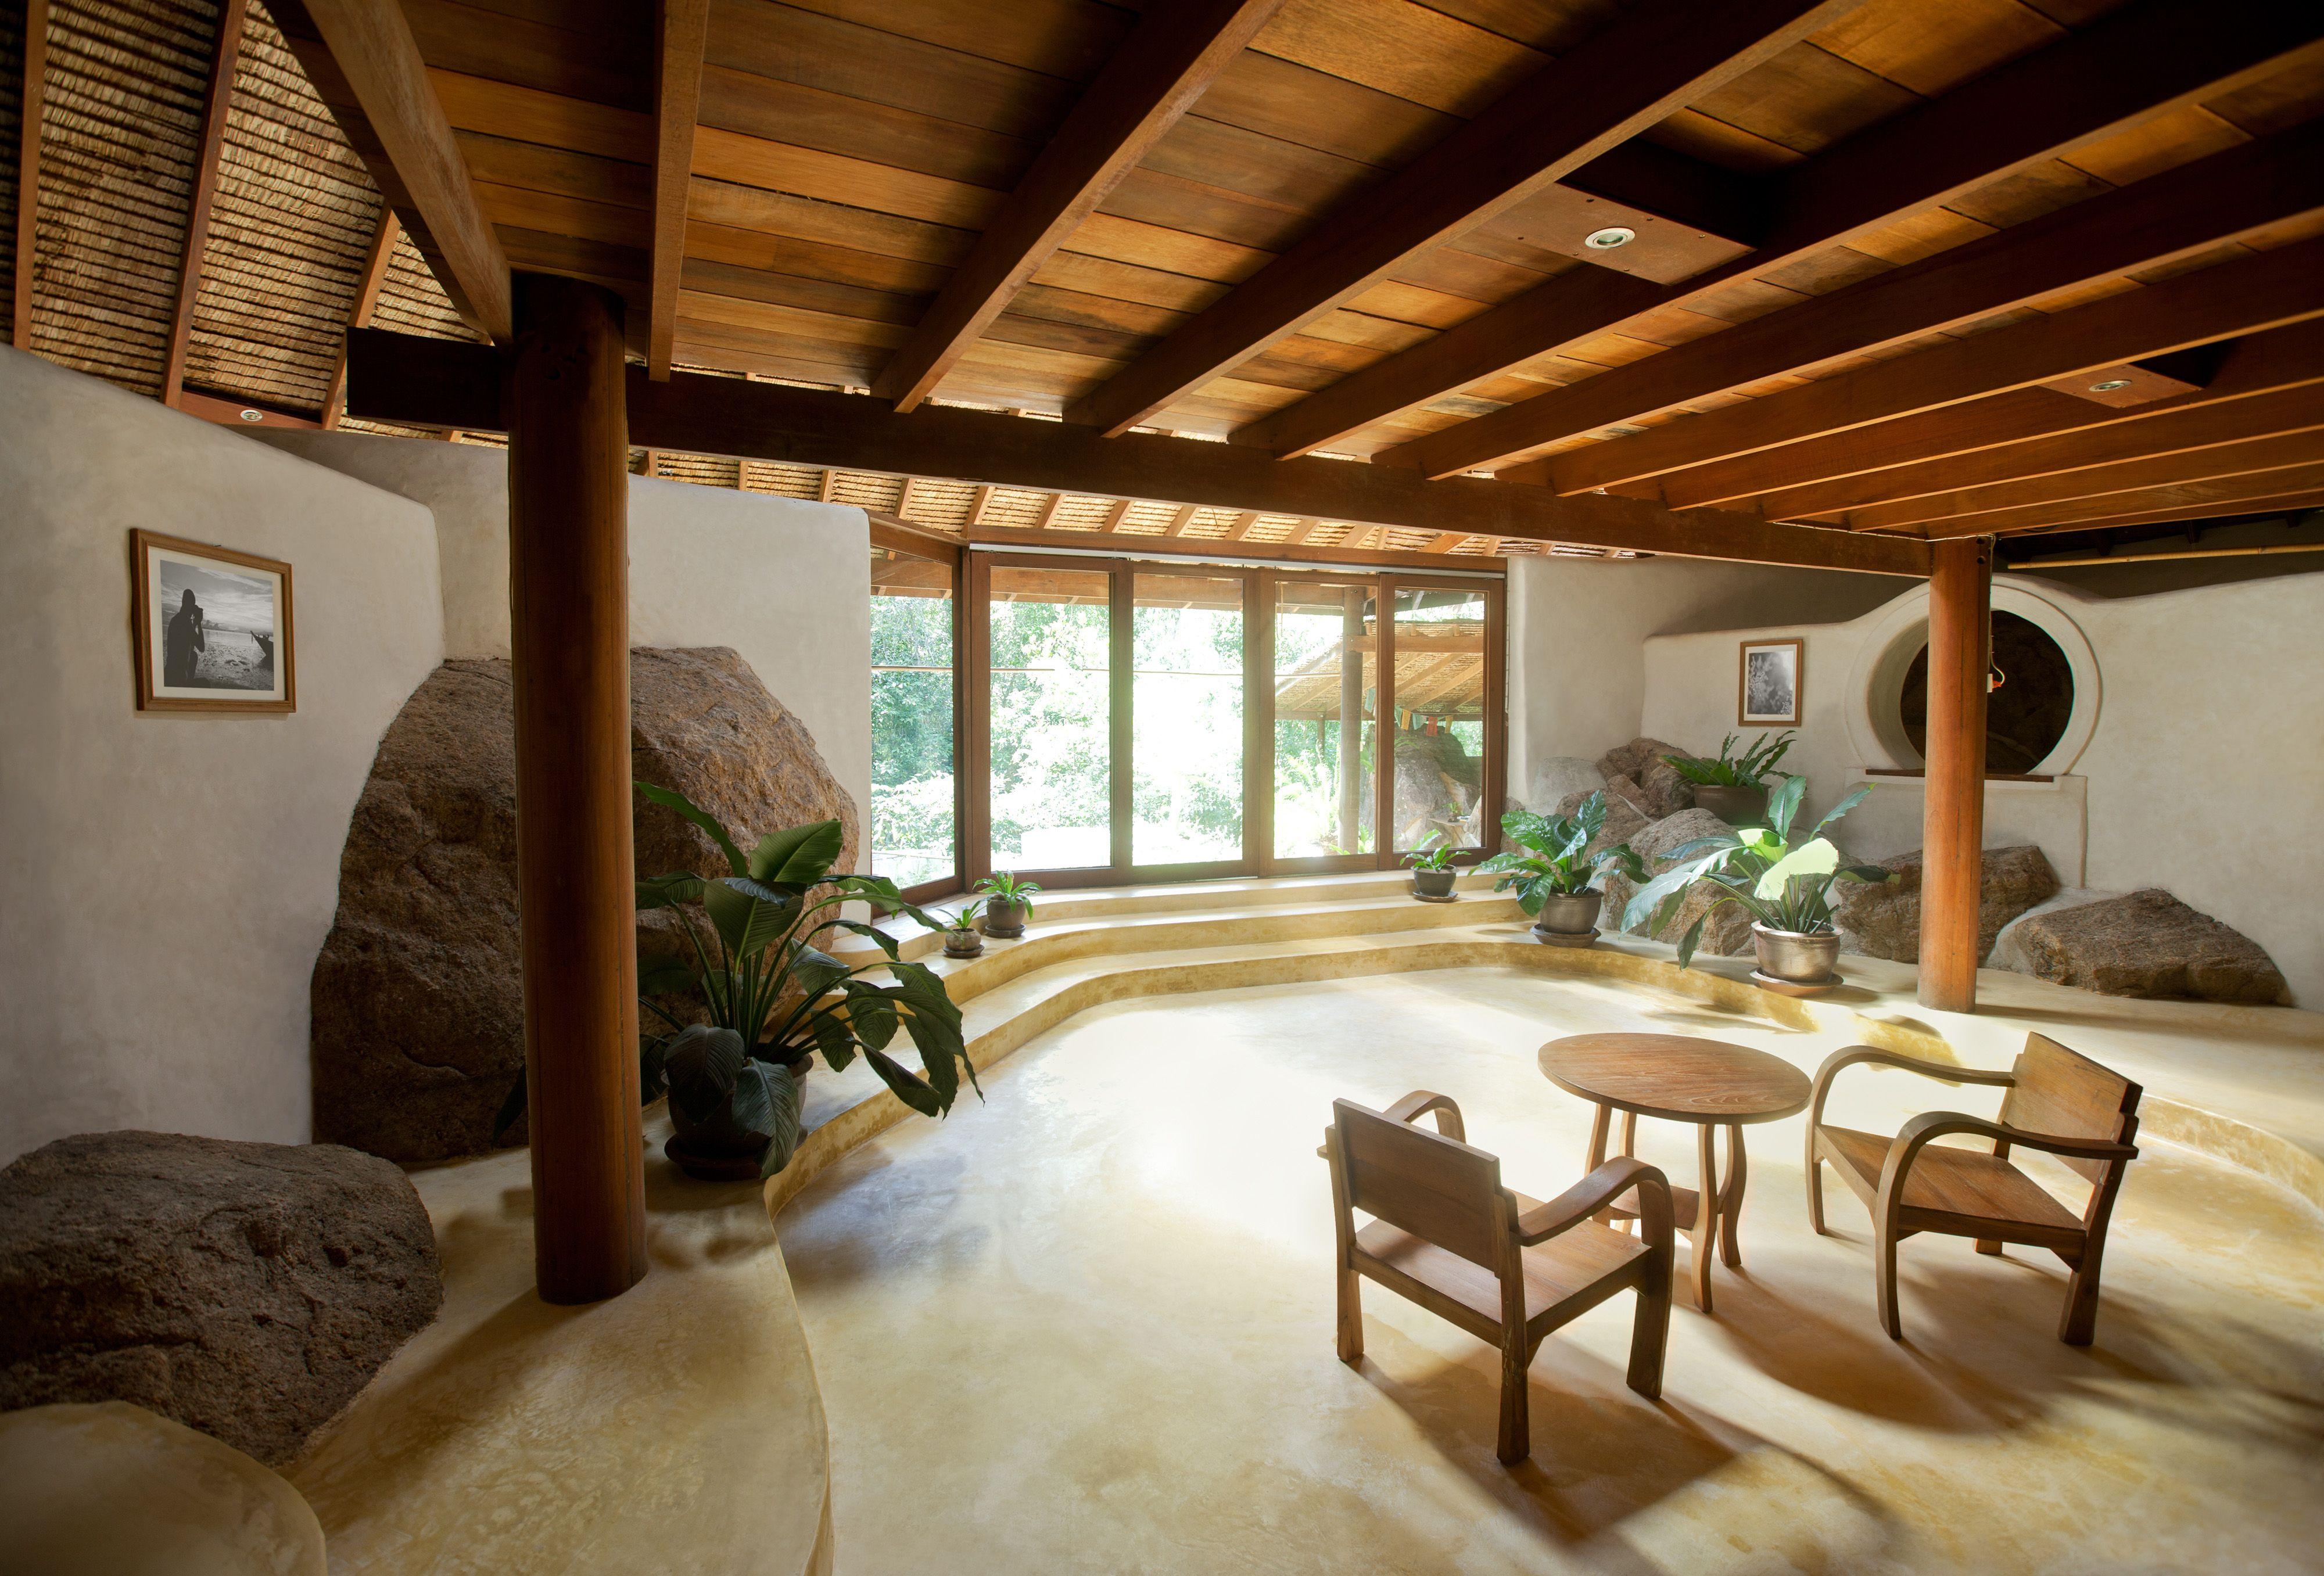 Color zen magazine - Bedroom Zen Bedrooms Zen Bedrooms Beautiful Examples Of Zen Zen